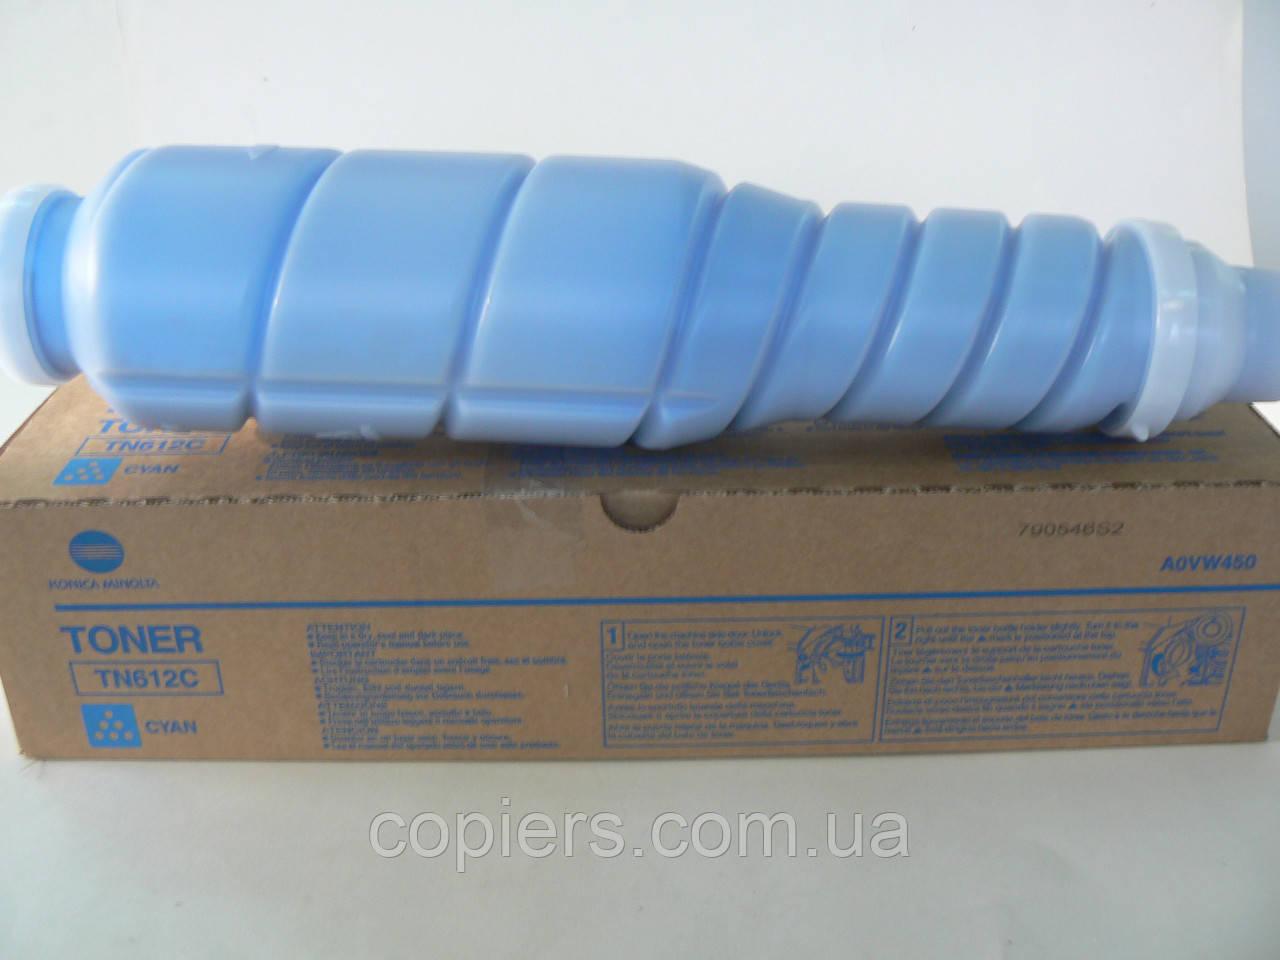 Toнер картридж TN-612 C Konica Minolta Bizhub C5501/С6501 оригинал, A0VW435, tn612 c